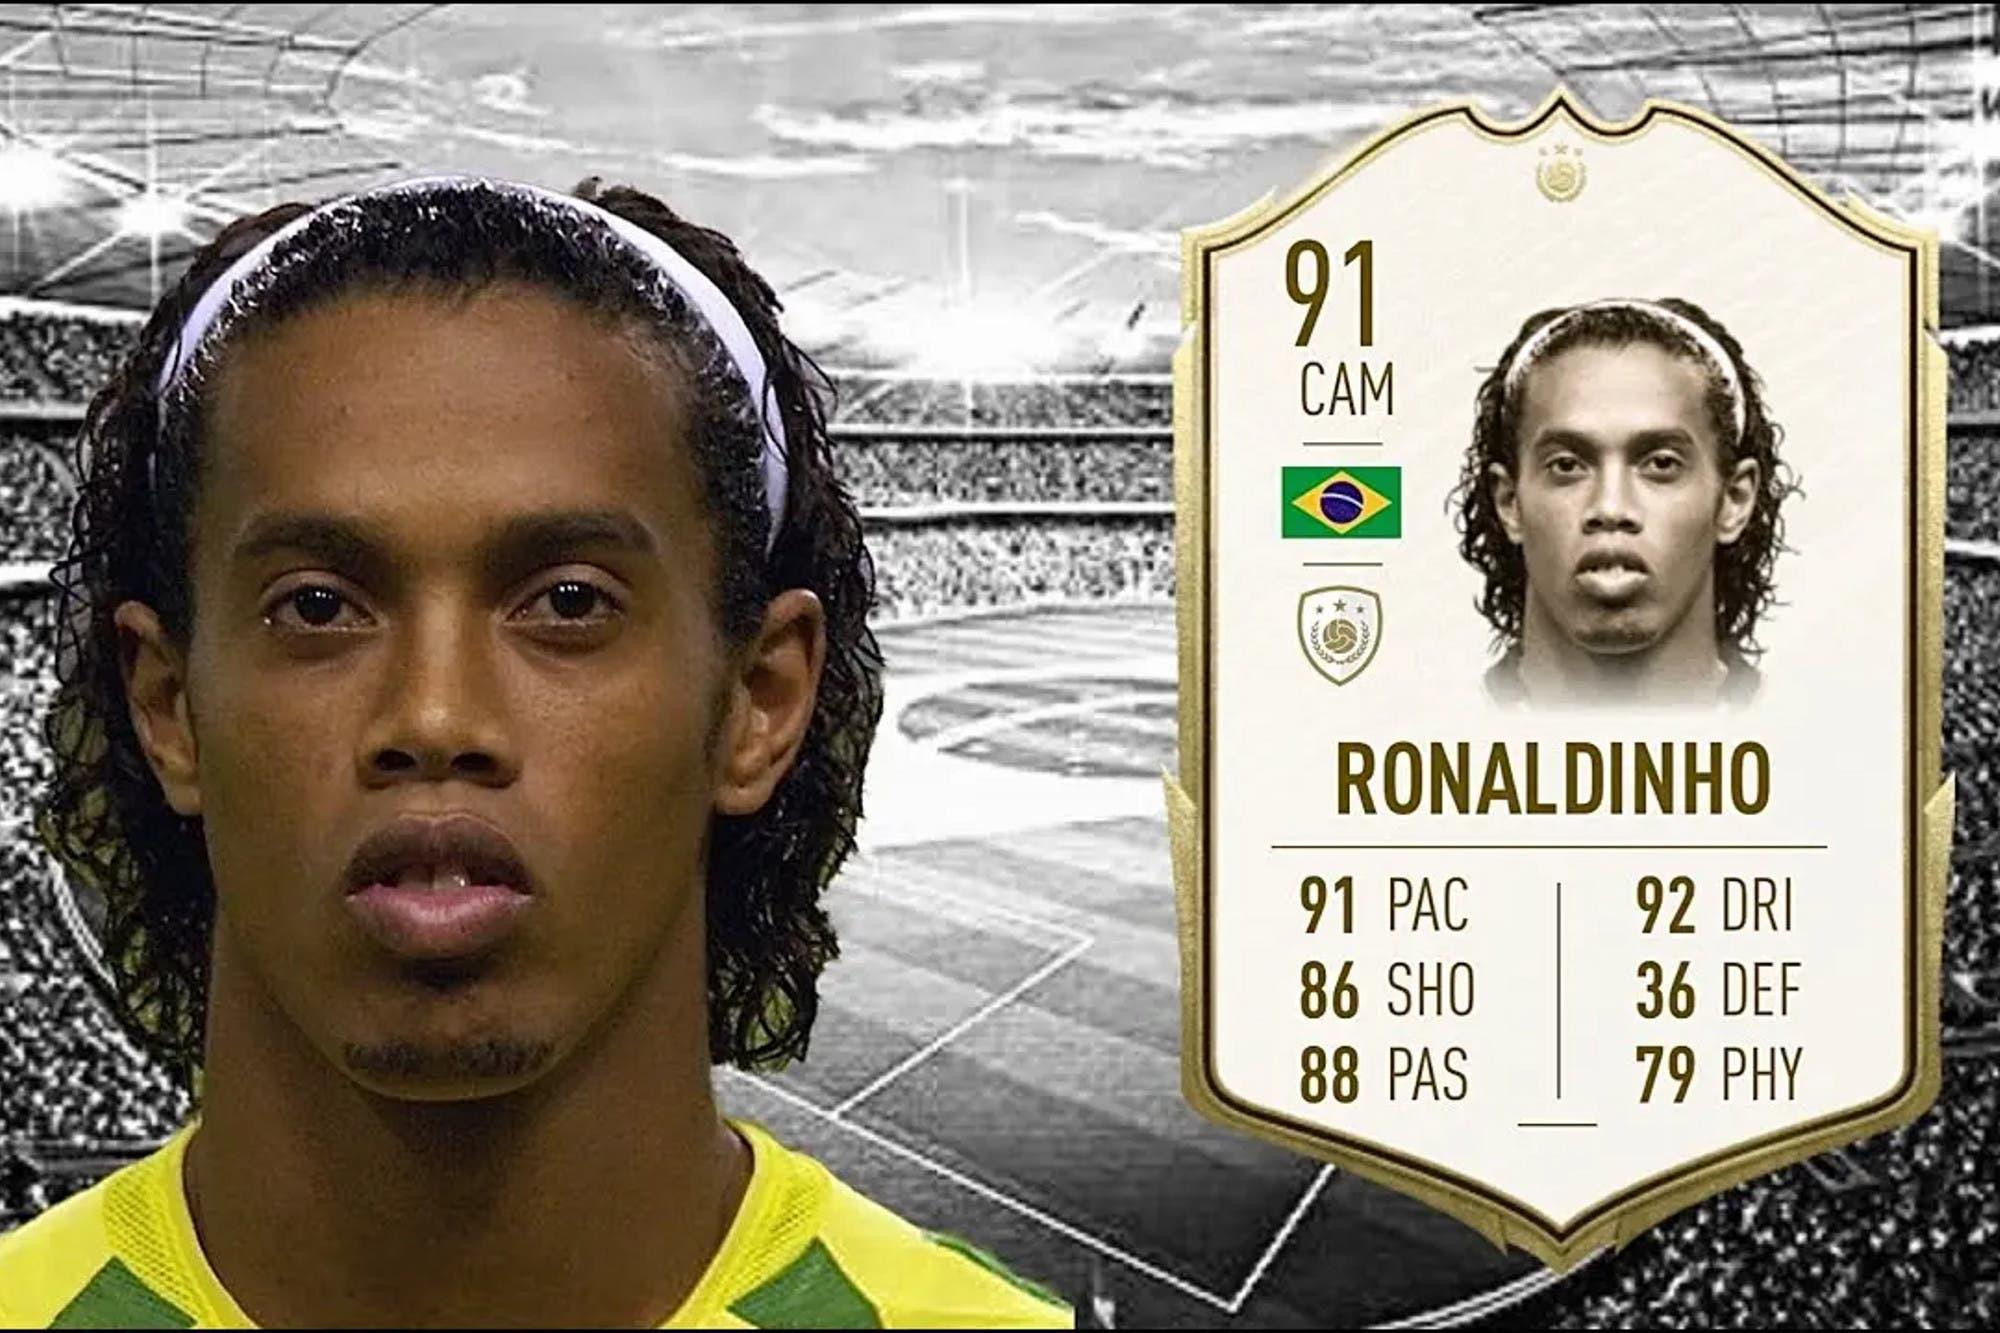 ¿Serían capaces? EA Sports piensa eliminar a Ronaldinho del FIFA 20 por su detención en Paraguay